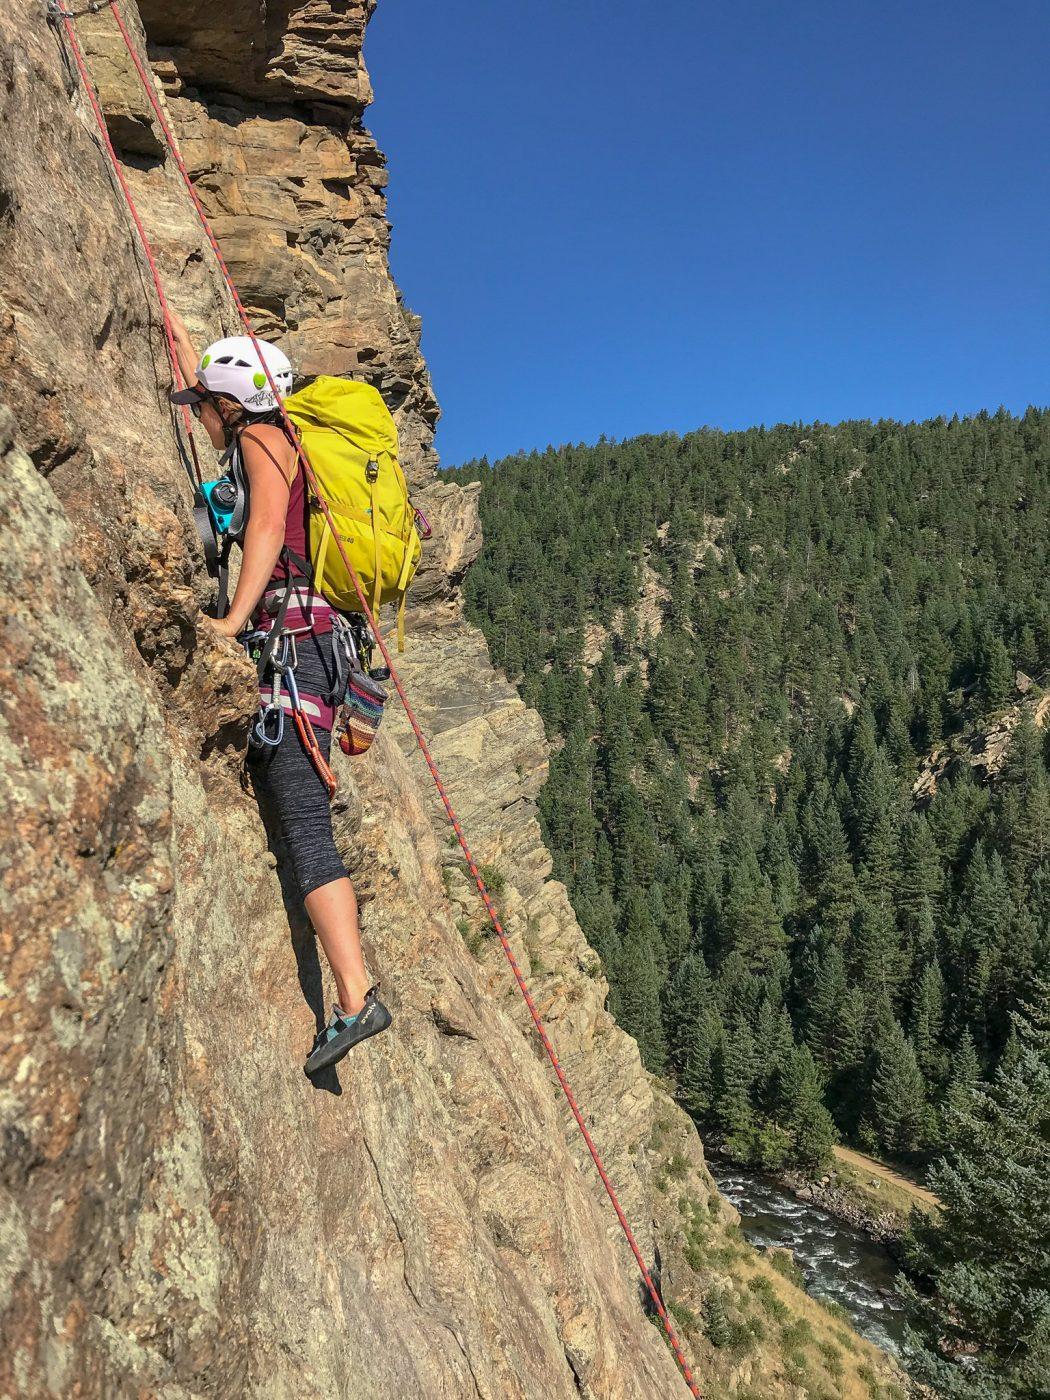 best climbing areas near denver